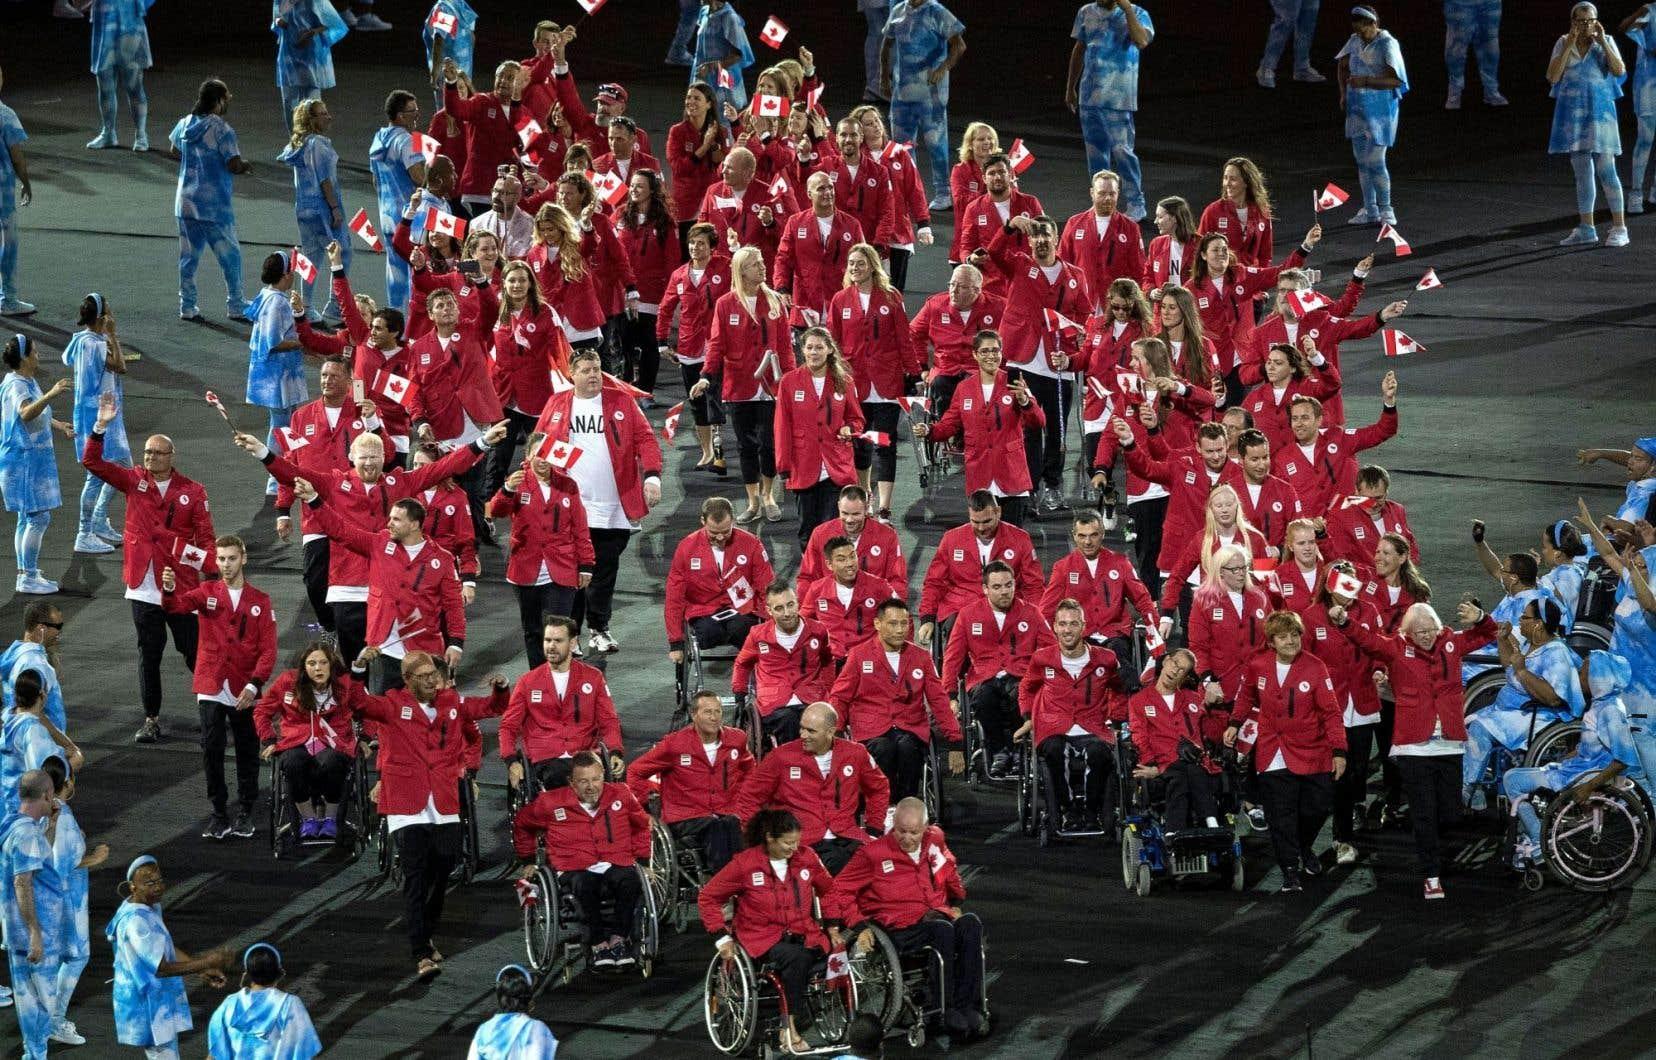 L'équipe canadienne paralympique faisant son entrée au stade de Rio